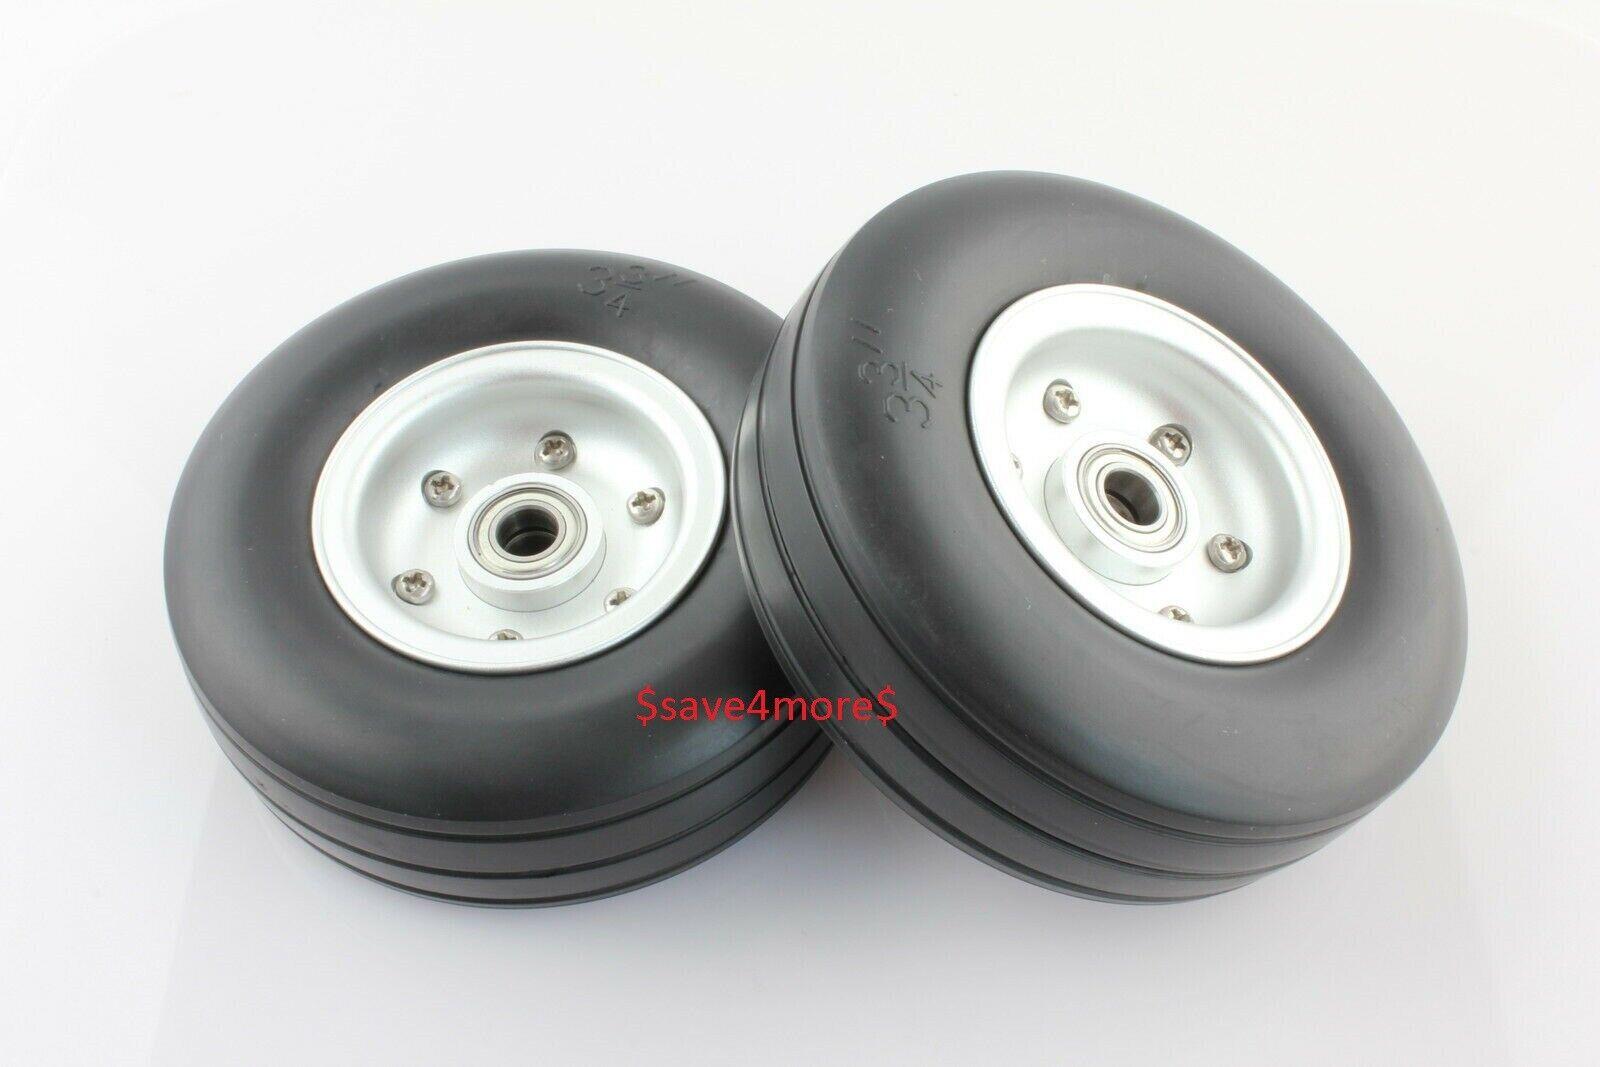 3.75  in tuttiuminio Lega Core Ruote PNEUMATICI di gomma naturale per l'aereo RC modellolo